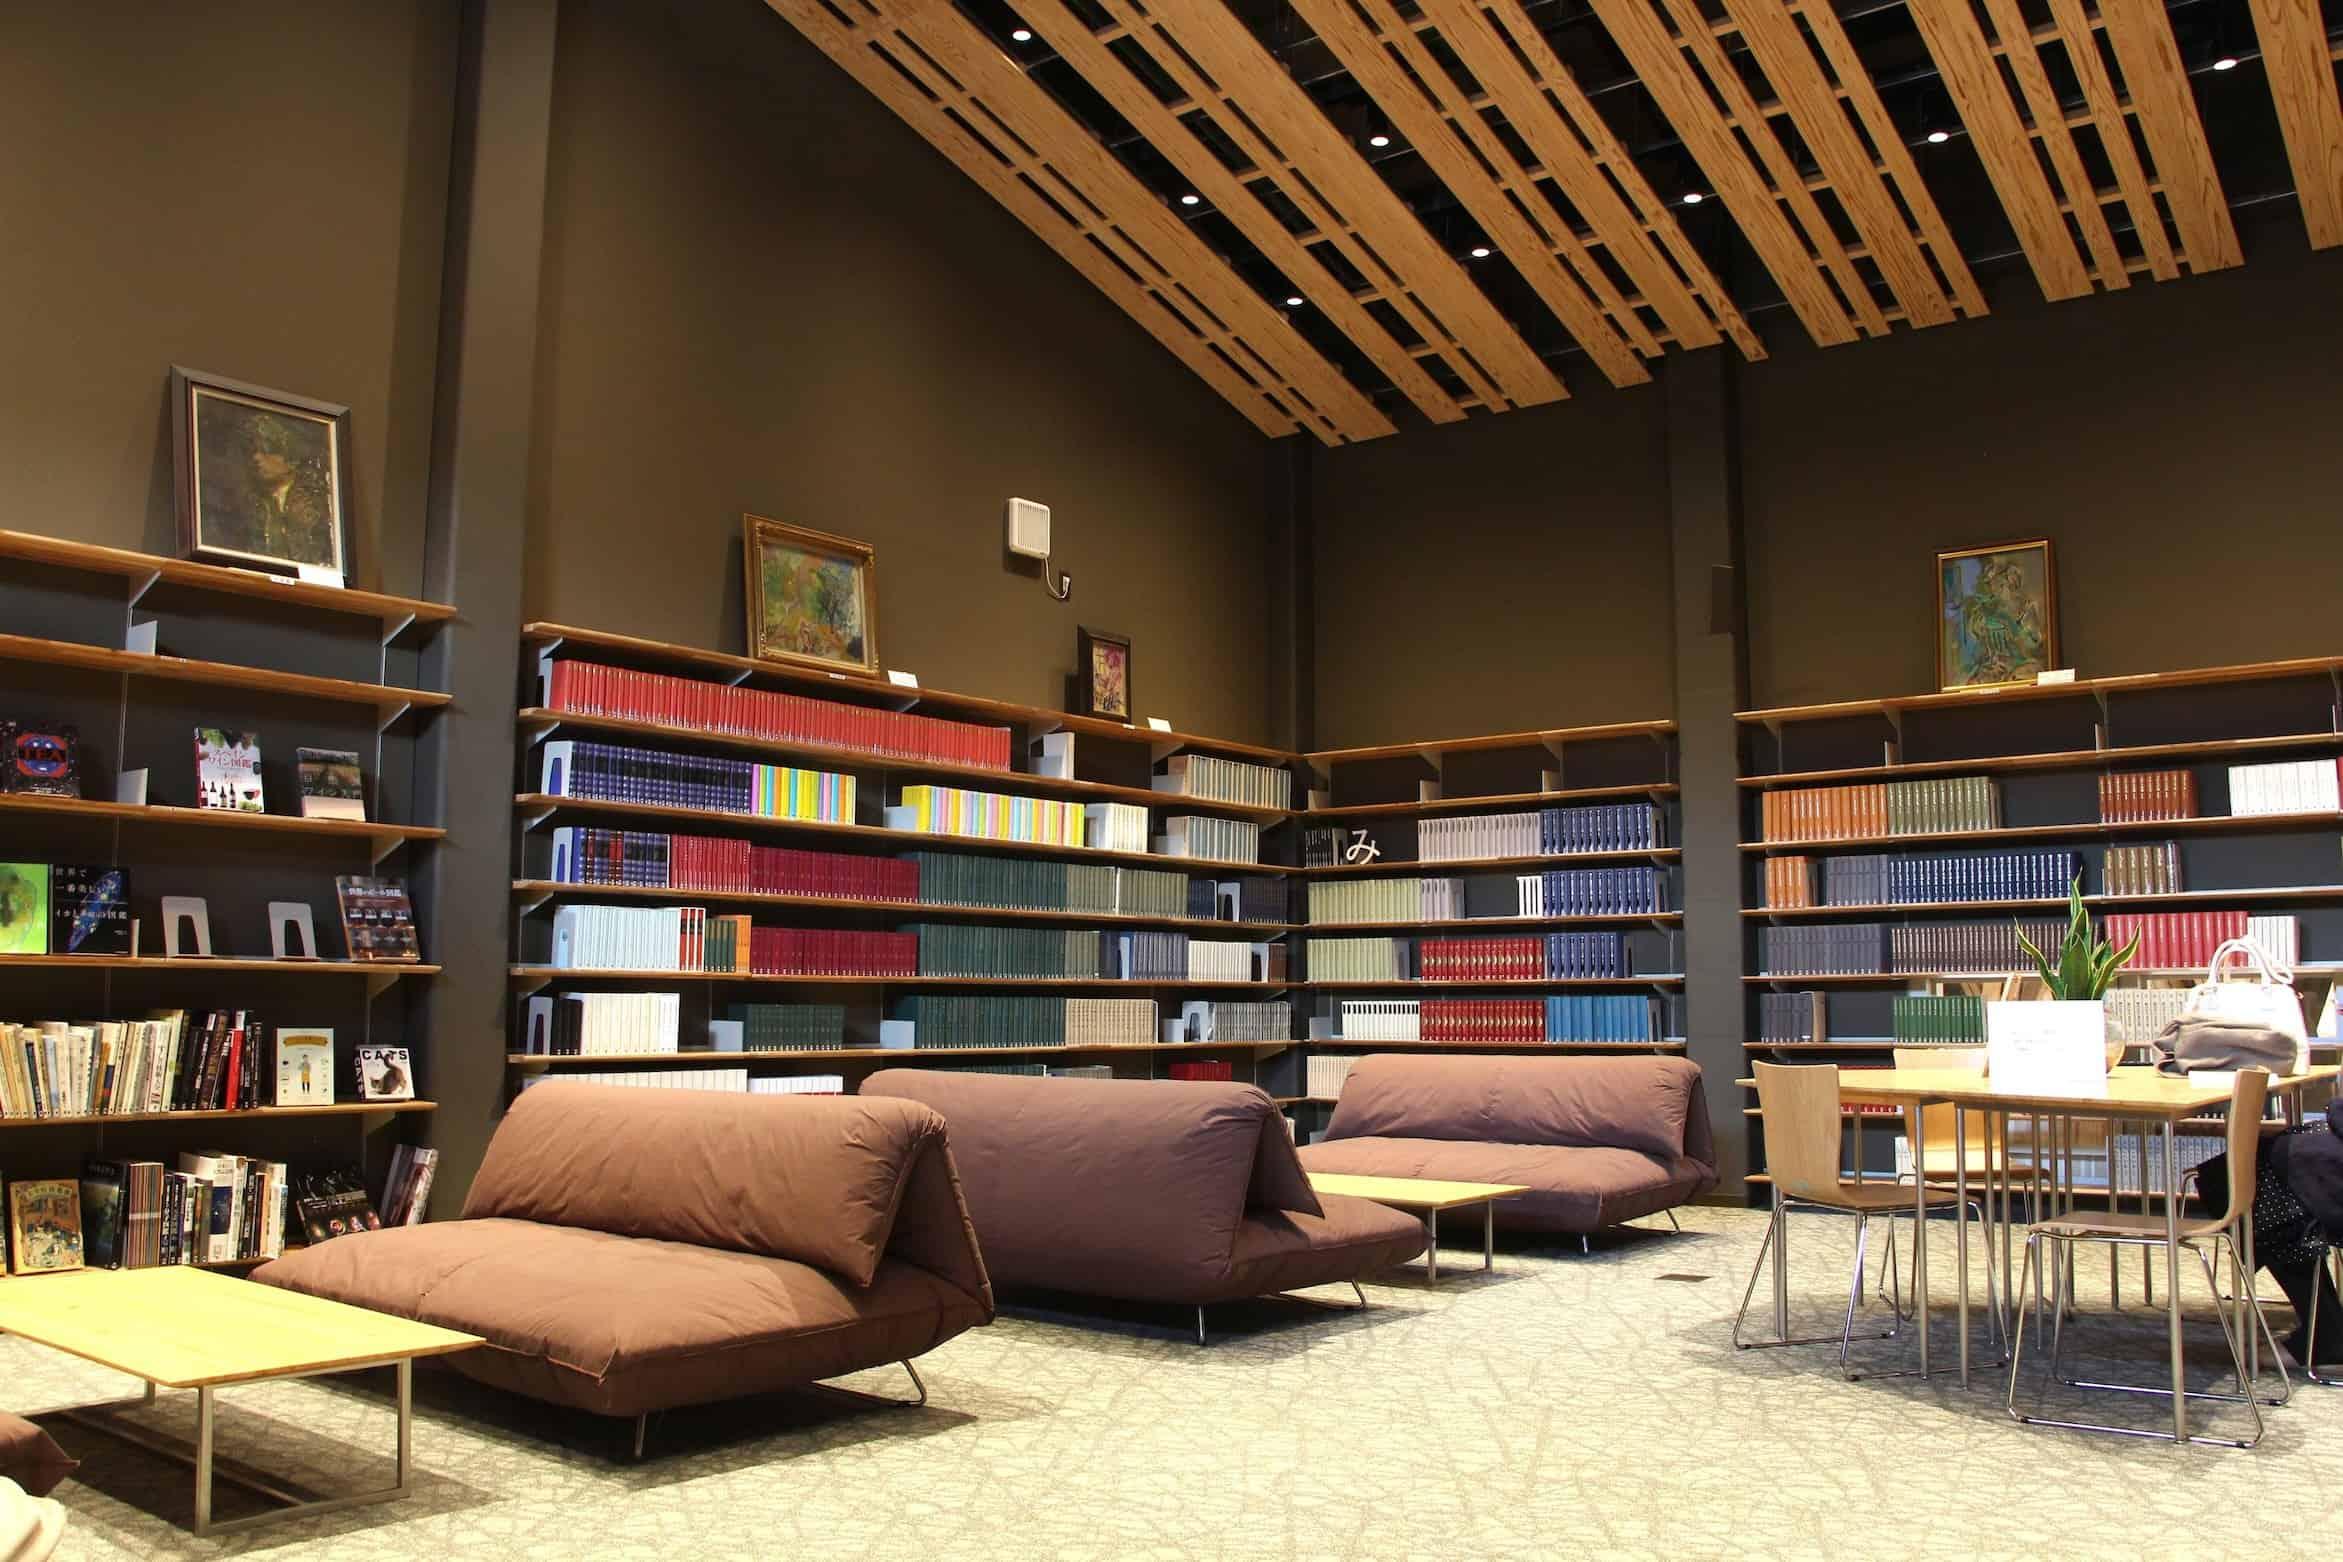 ภายในห้องสมุดที่จังหวัดโคจิ